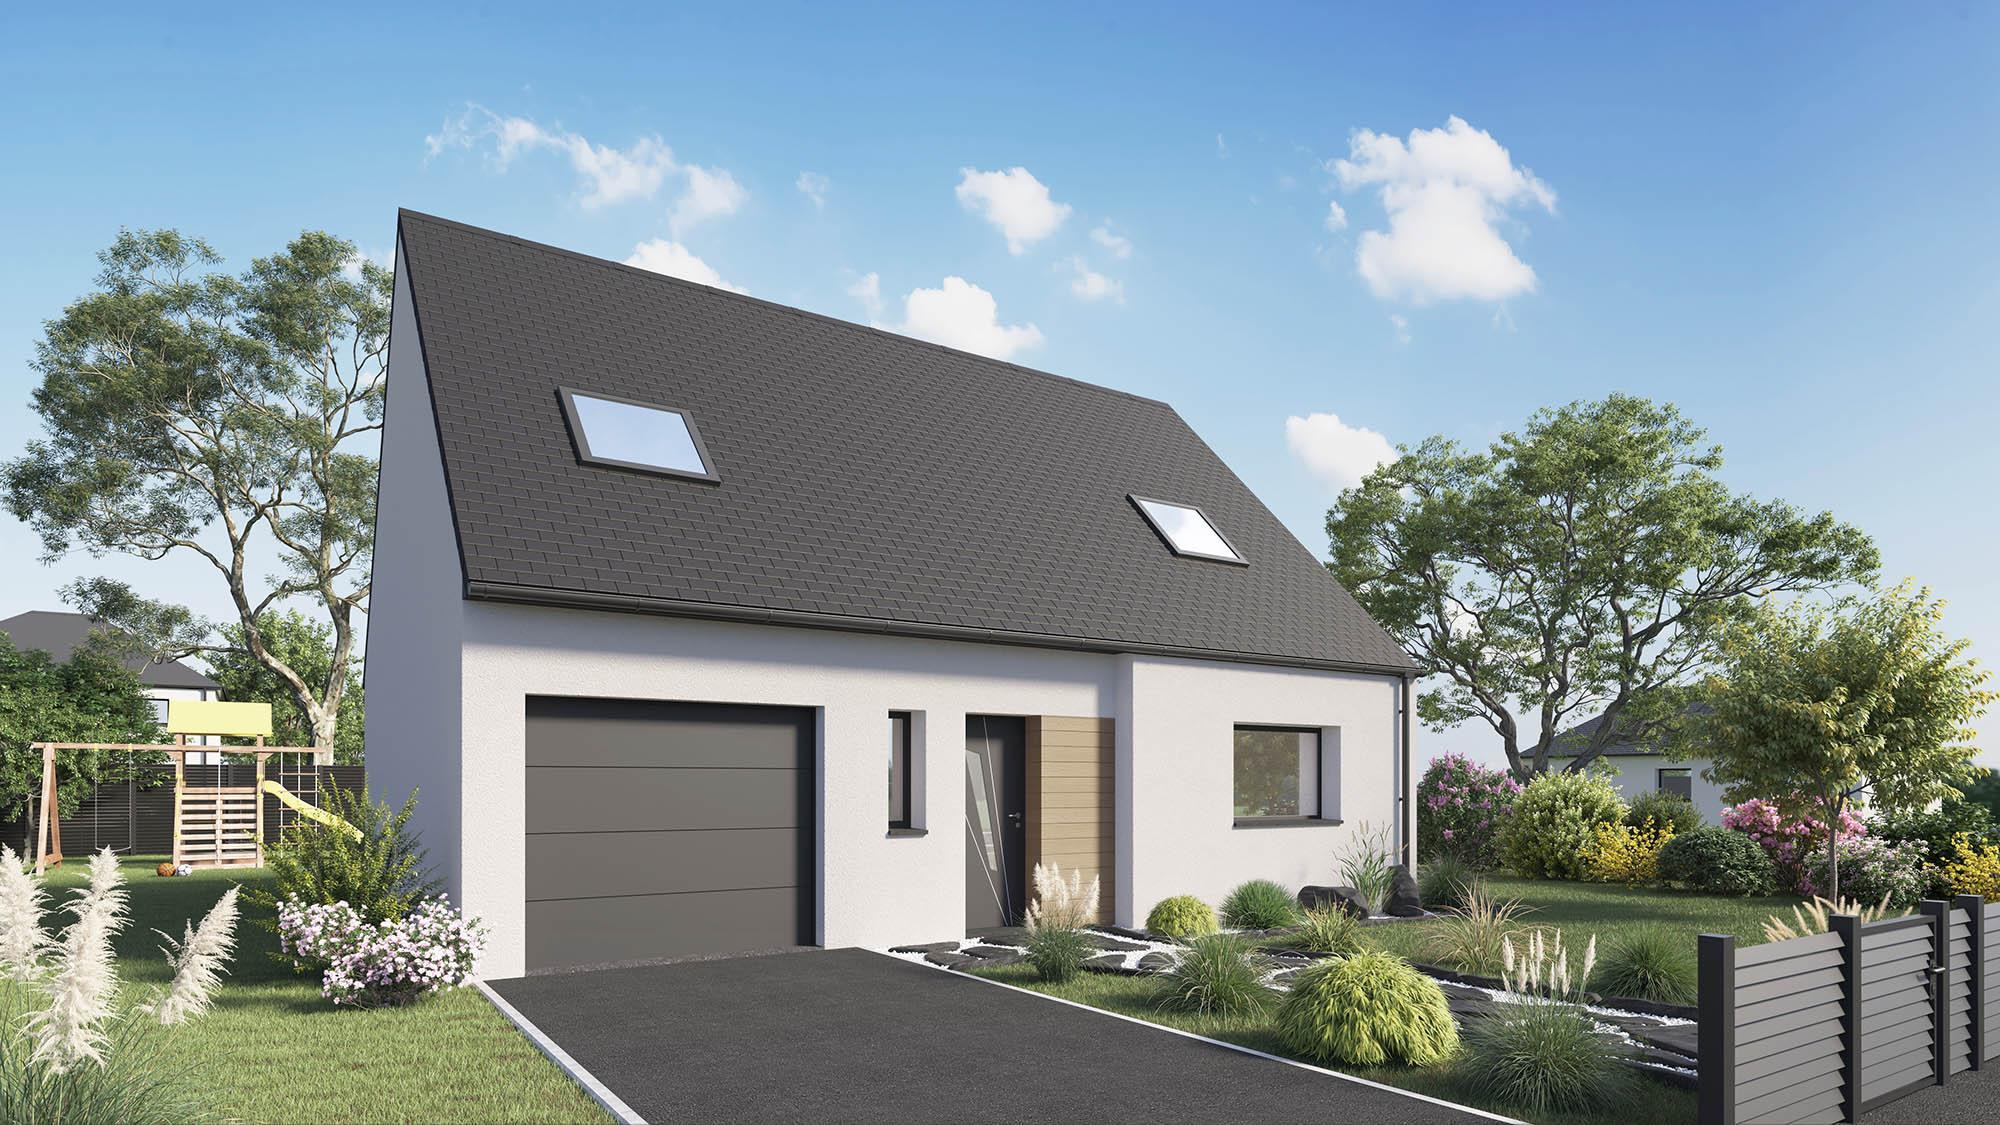 Maisons + Terrains du constructeur Maison Castor Amiens • 113 m² • LAMOTTE WARFUSEE